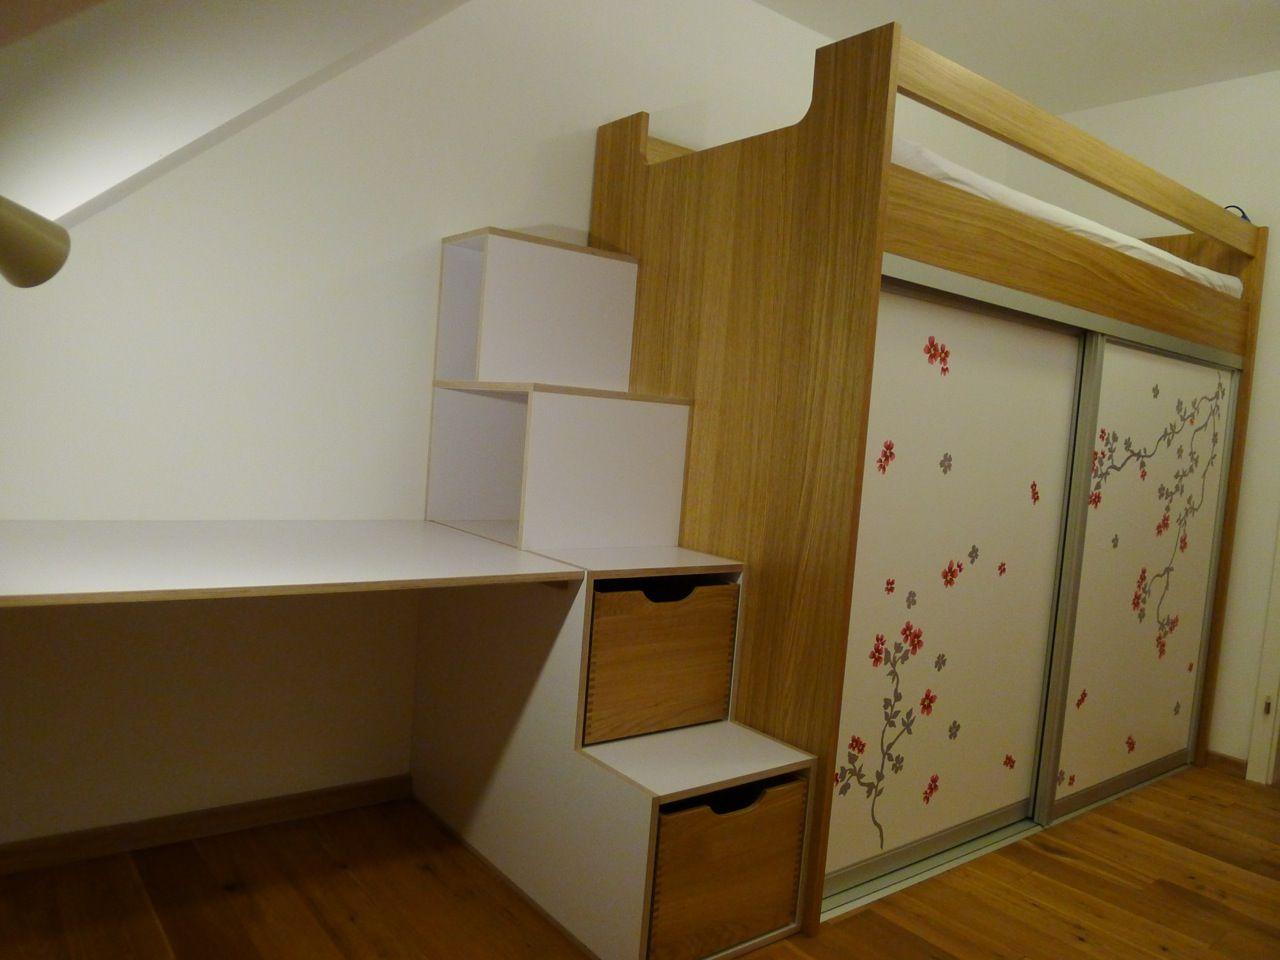 Kinderzimmer mit Hochbett, Schrank + Schreibtisch in Eiche und ...